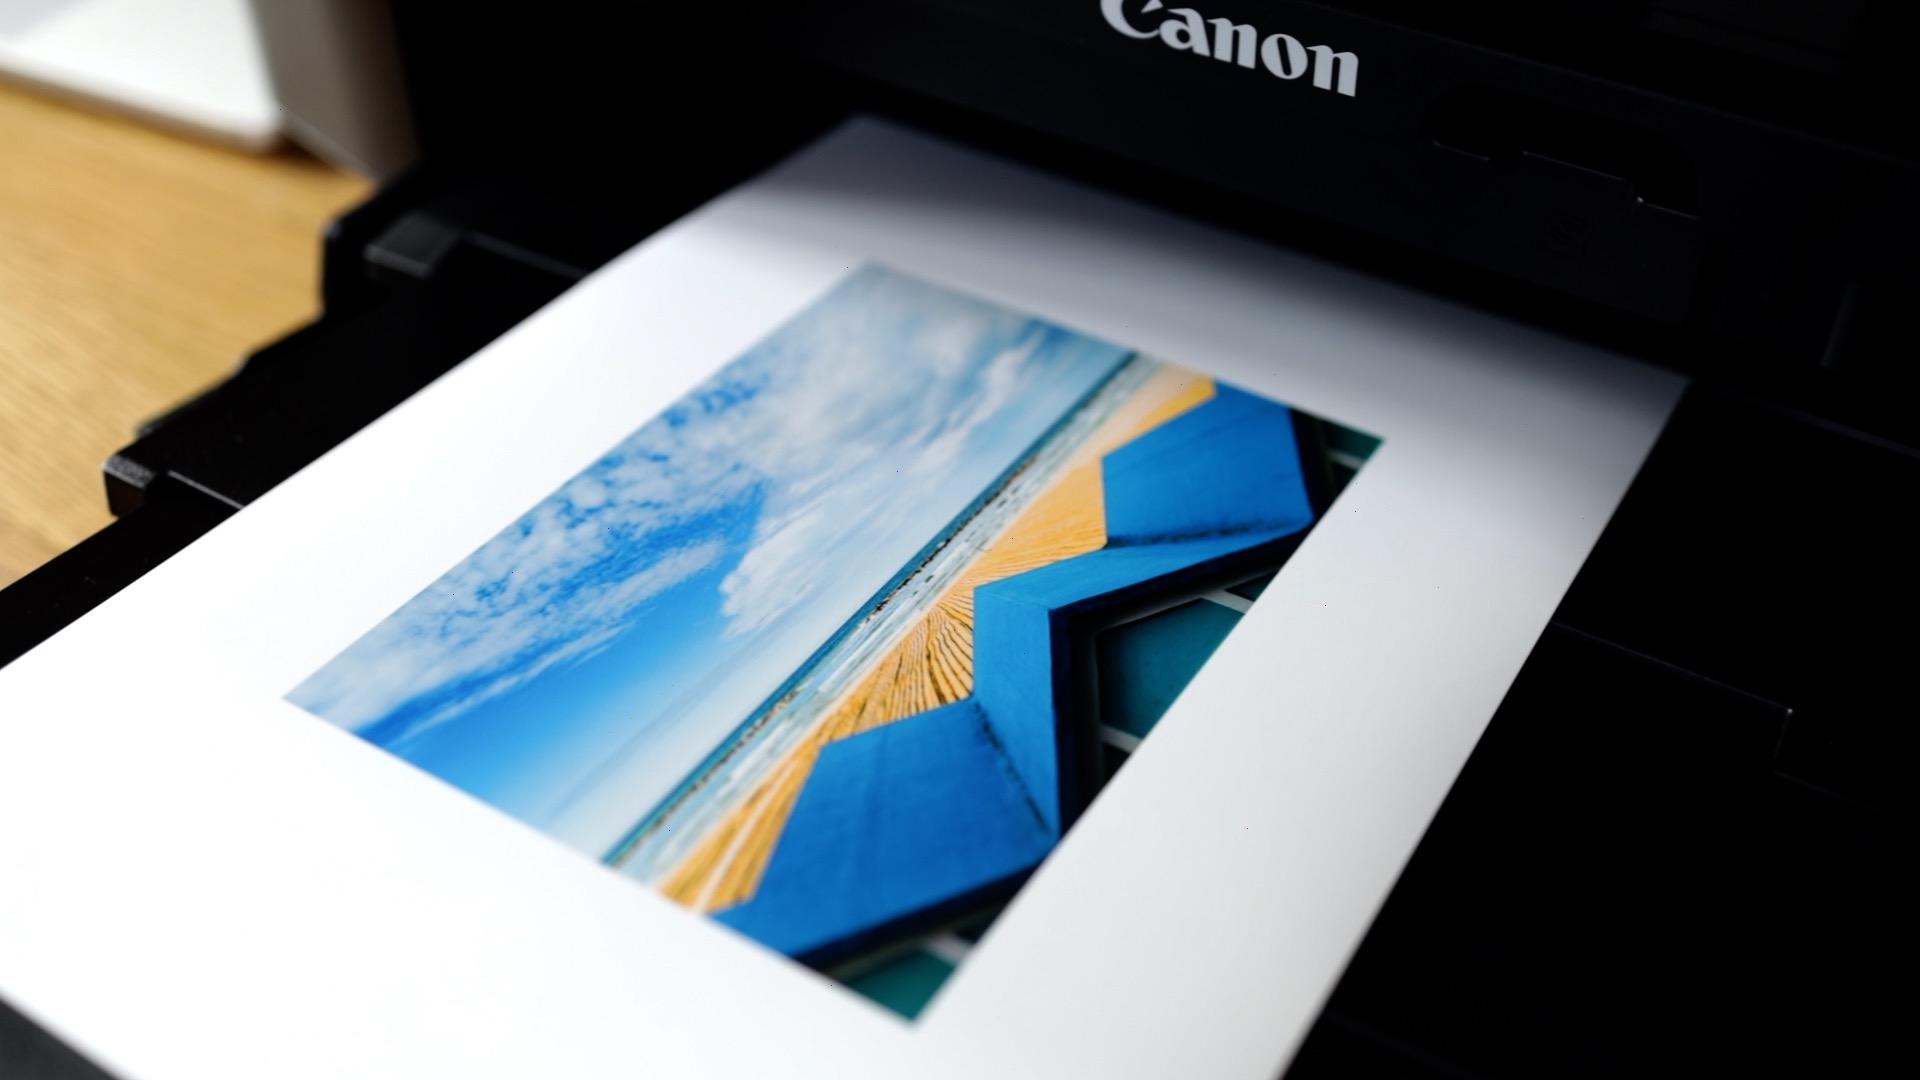 Printing photos at home